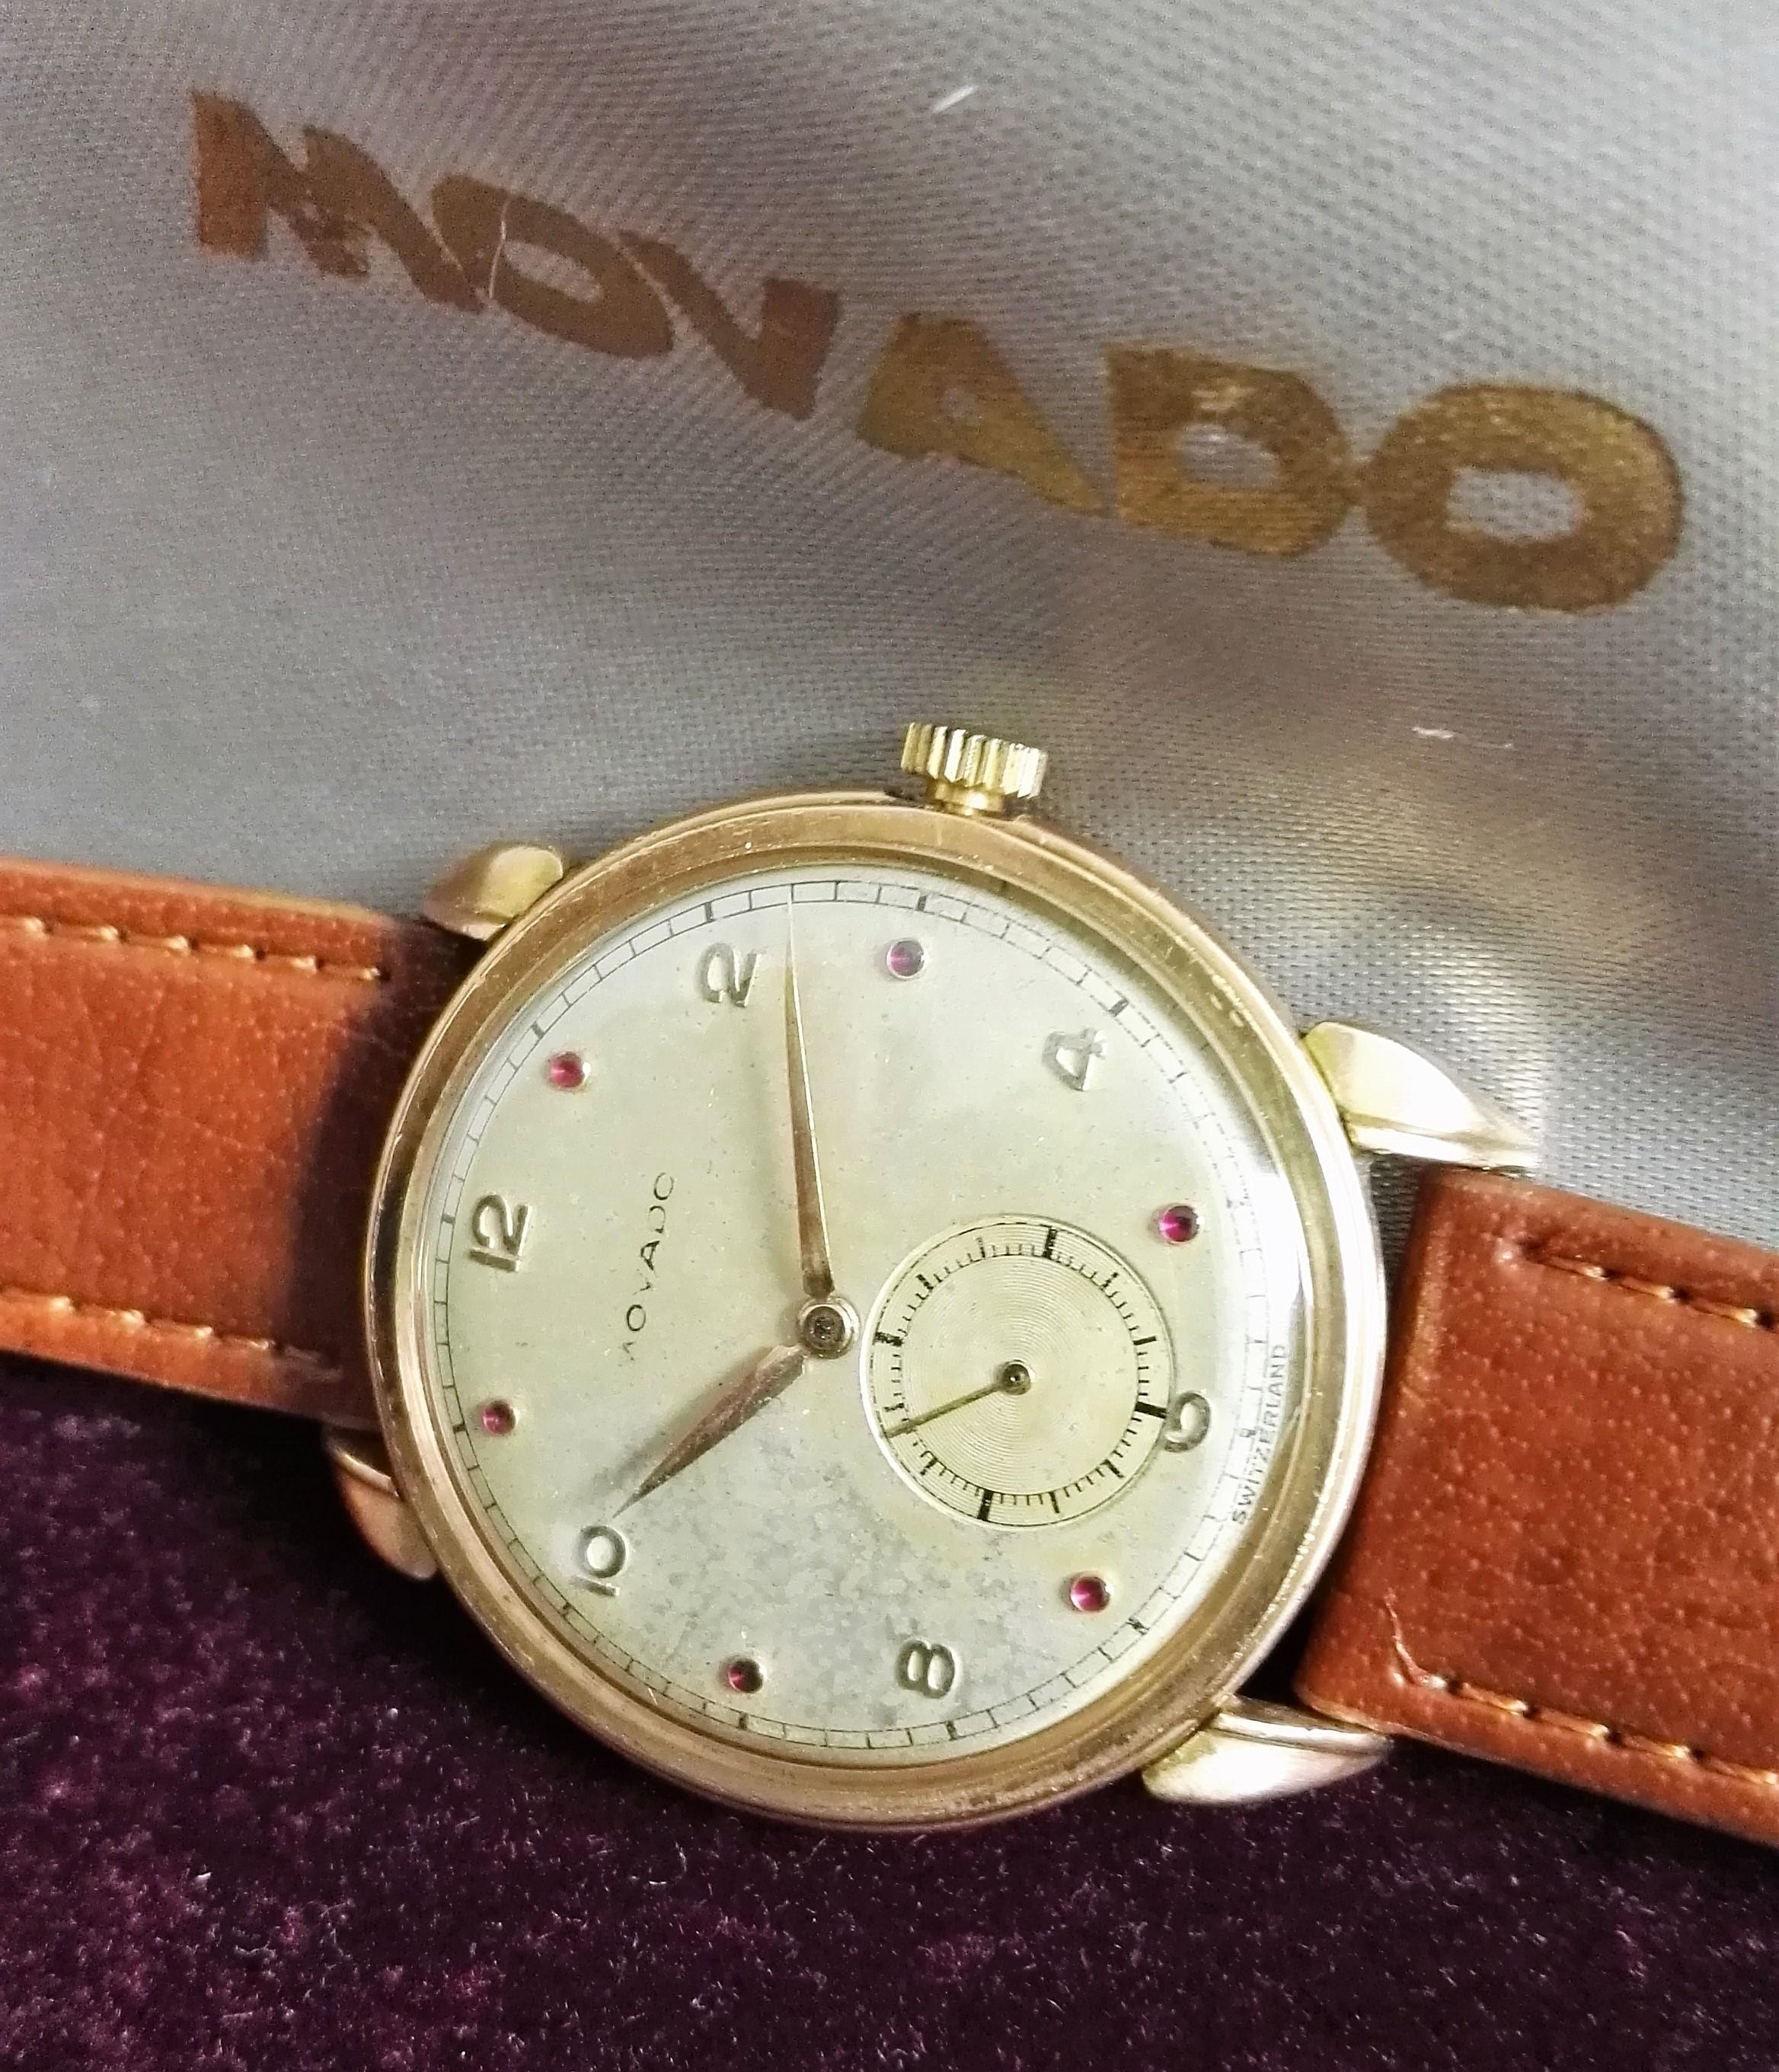 Movado rare fancy lug 18 kt rose gold dial ruby mm 34 - box | San Giorgio a Cremano